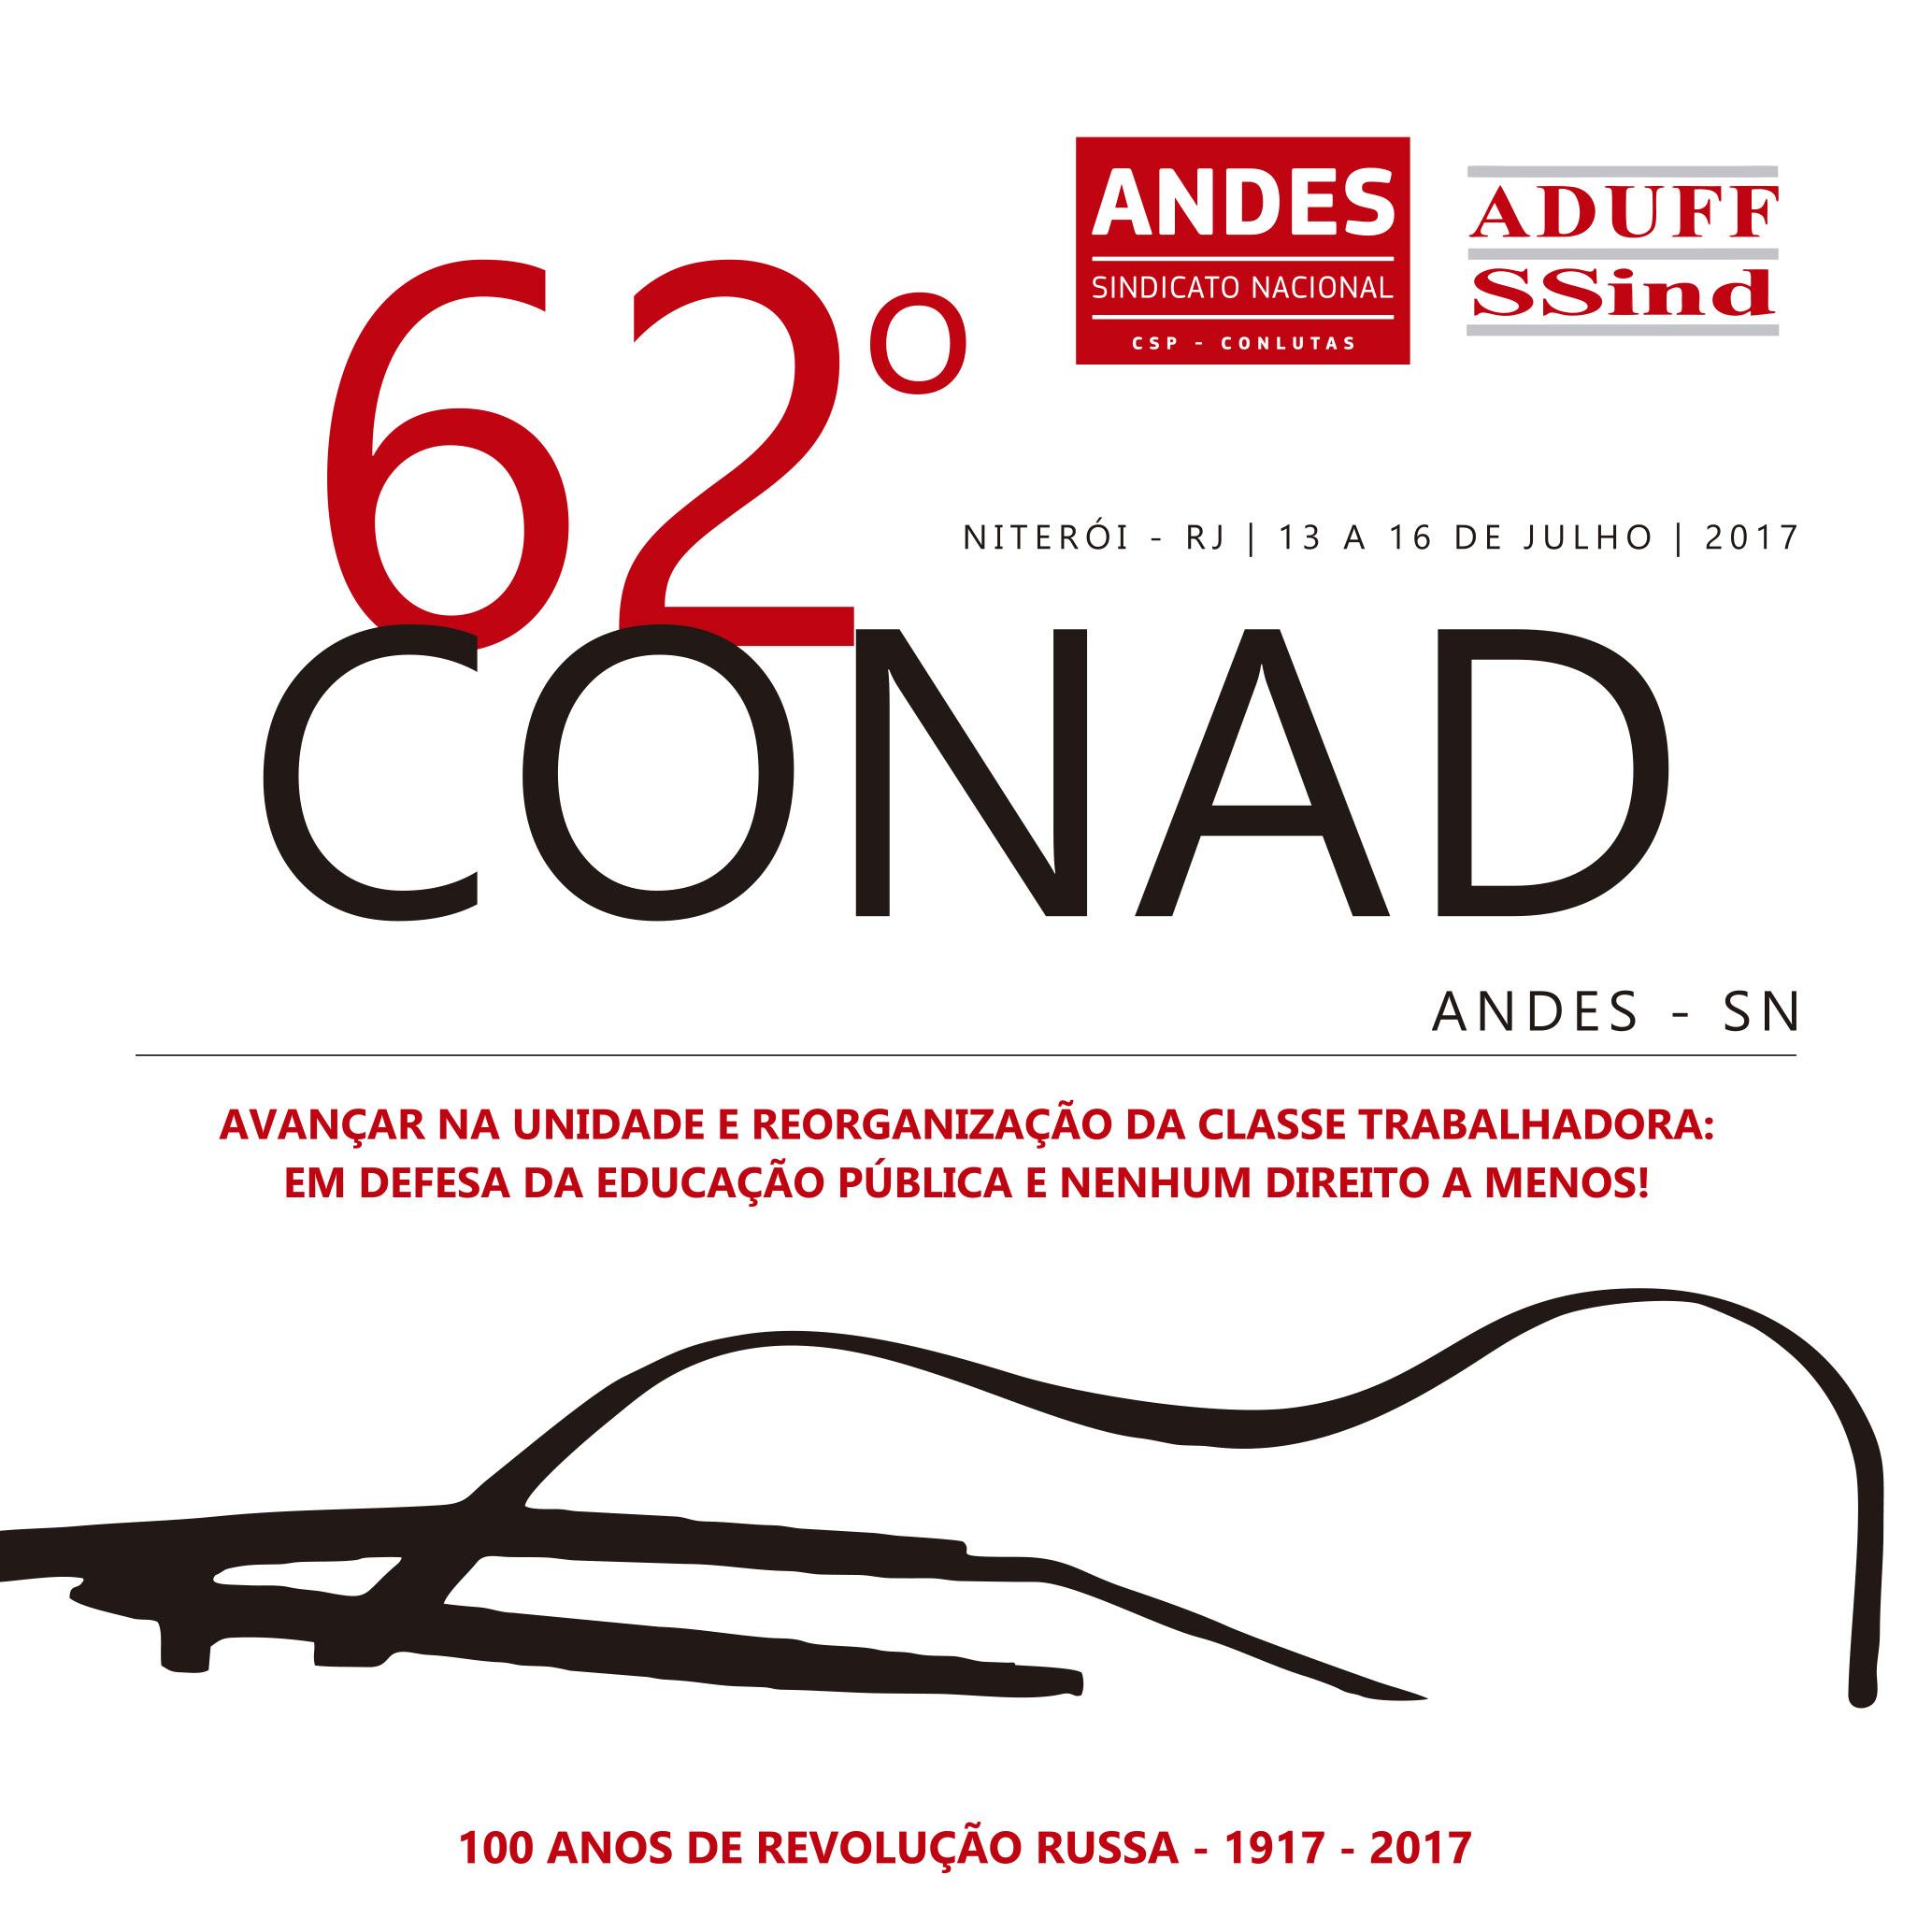 ANDES-SN divulga anexo ao Caderno de Textos do 62° Conad